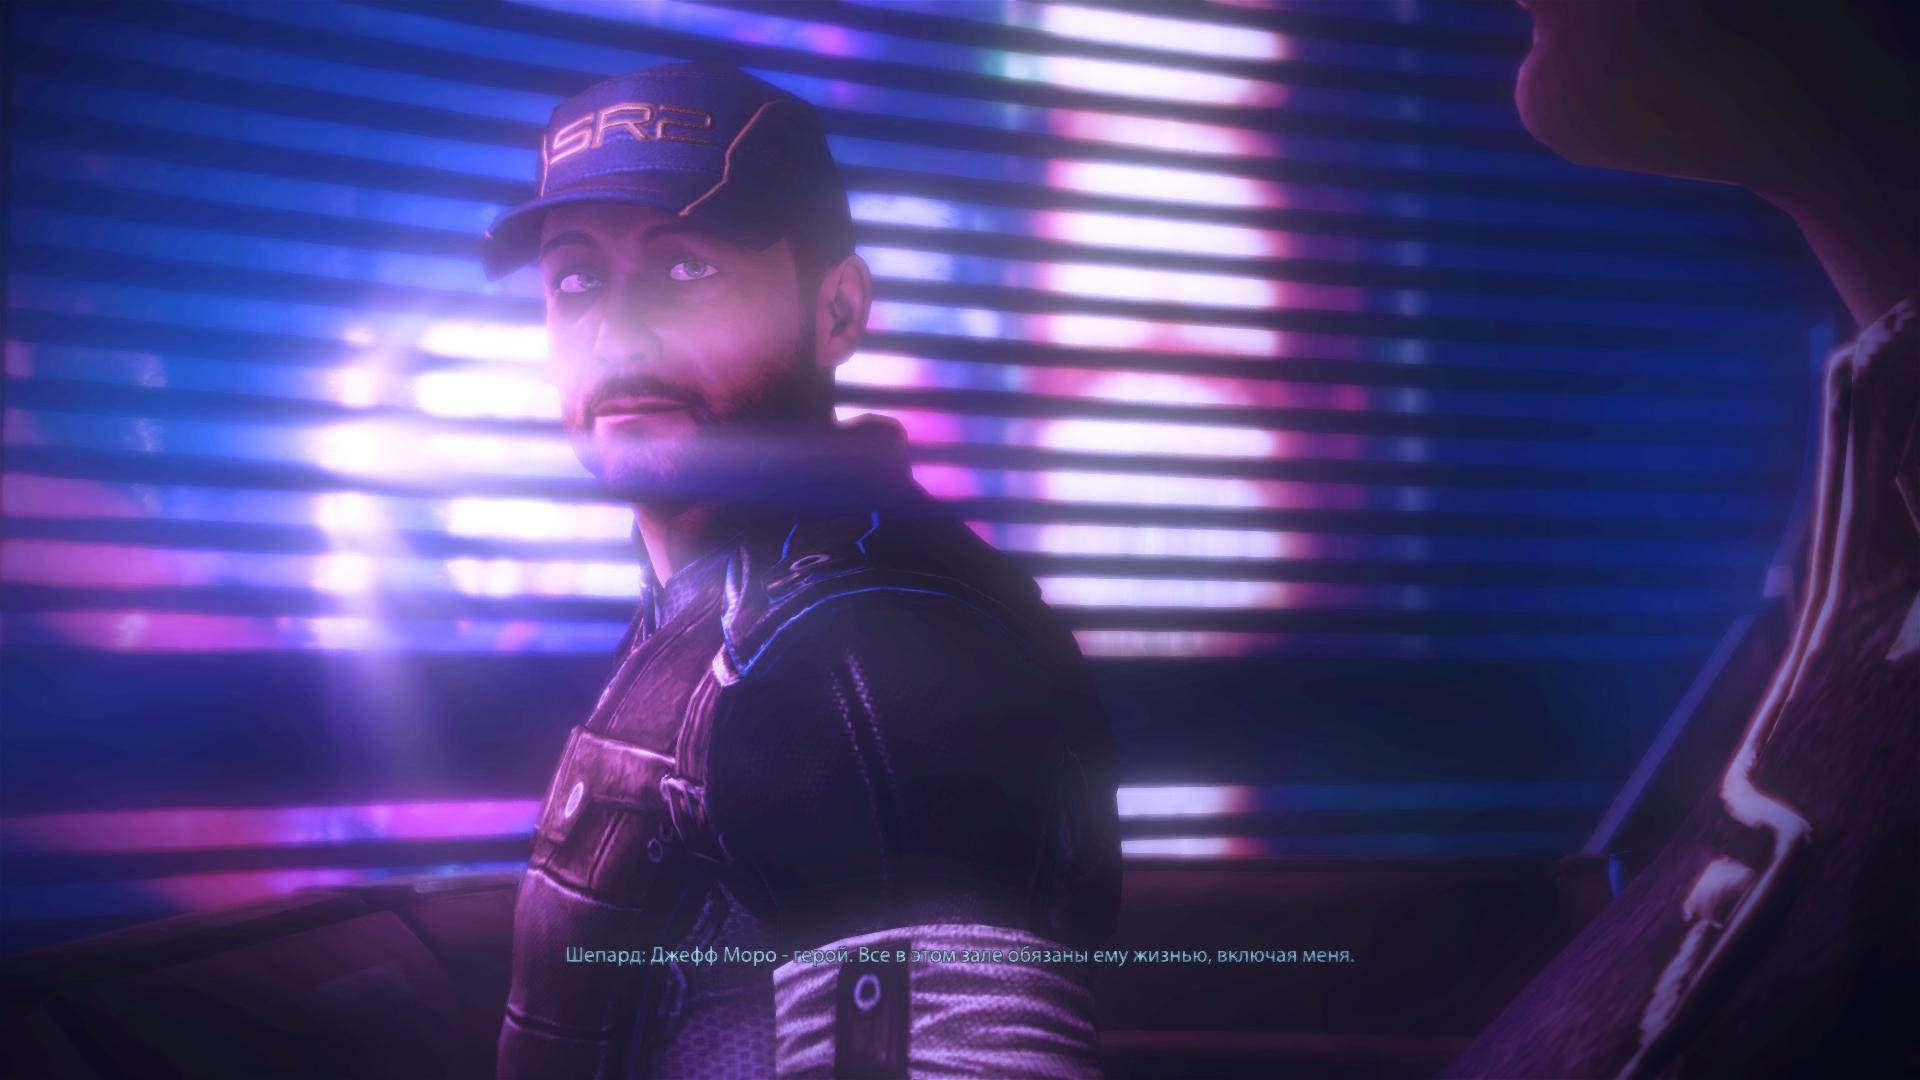 MassEffect3 2016-01-31 06-58-49-52.jpg - Mass Effect 3